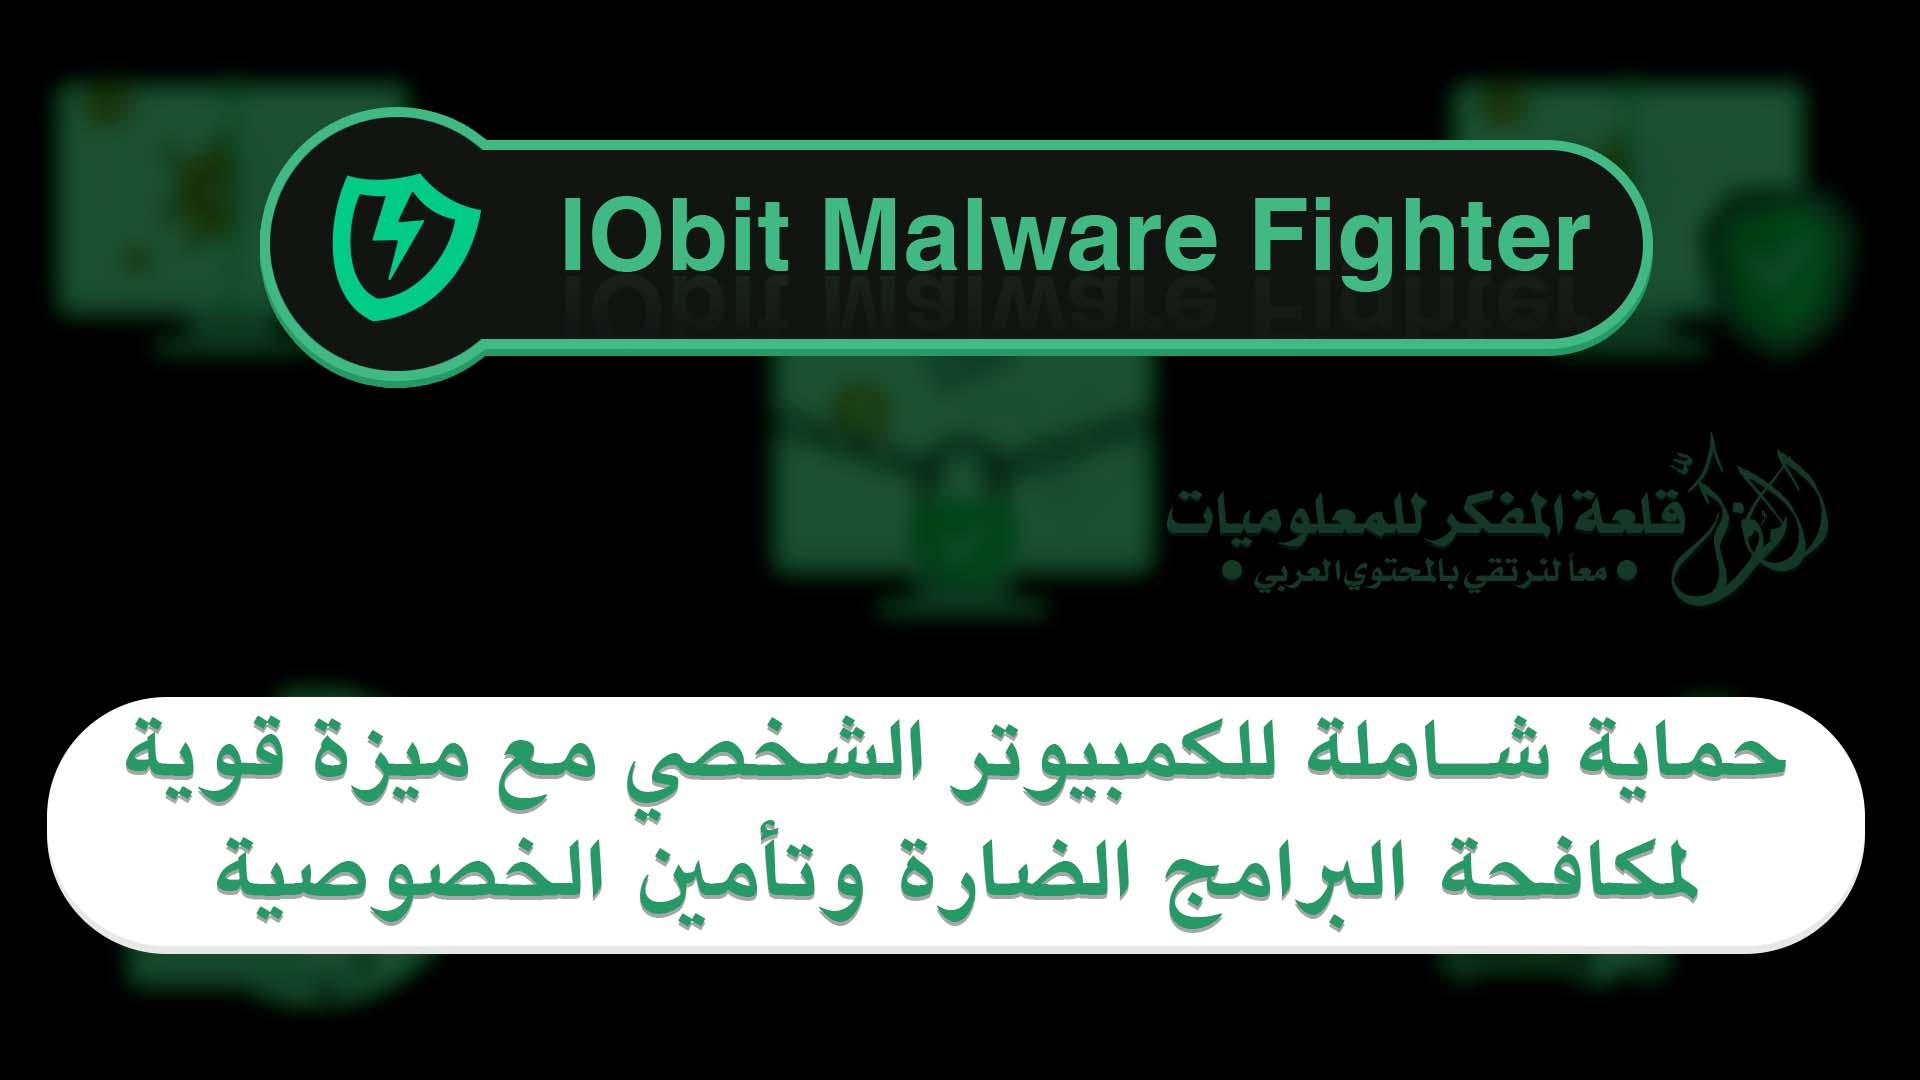 كيفية تحميل برنامج IObit Malware Fighter PRO لإزالة برامج التجسس ، حصان طروادة